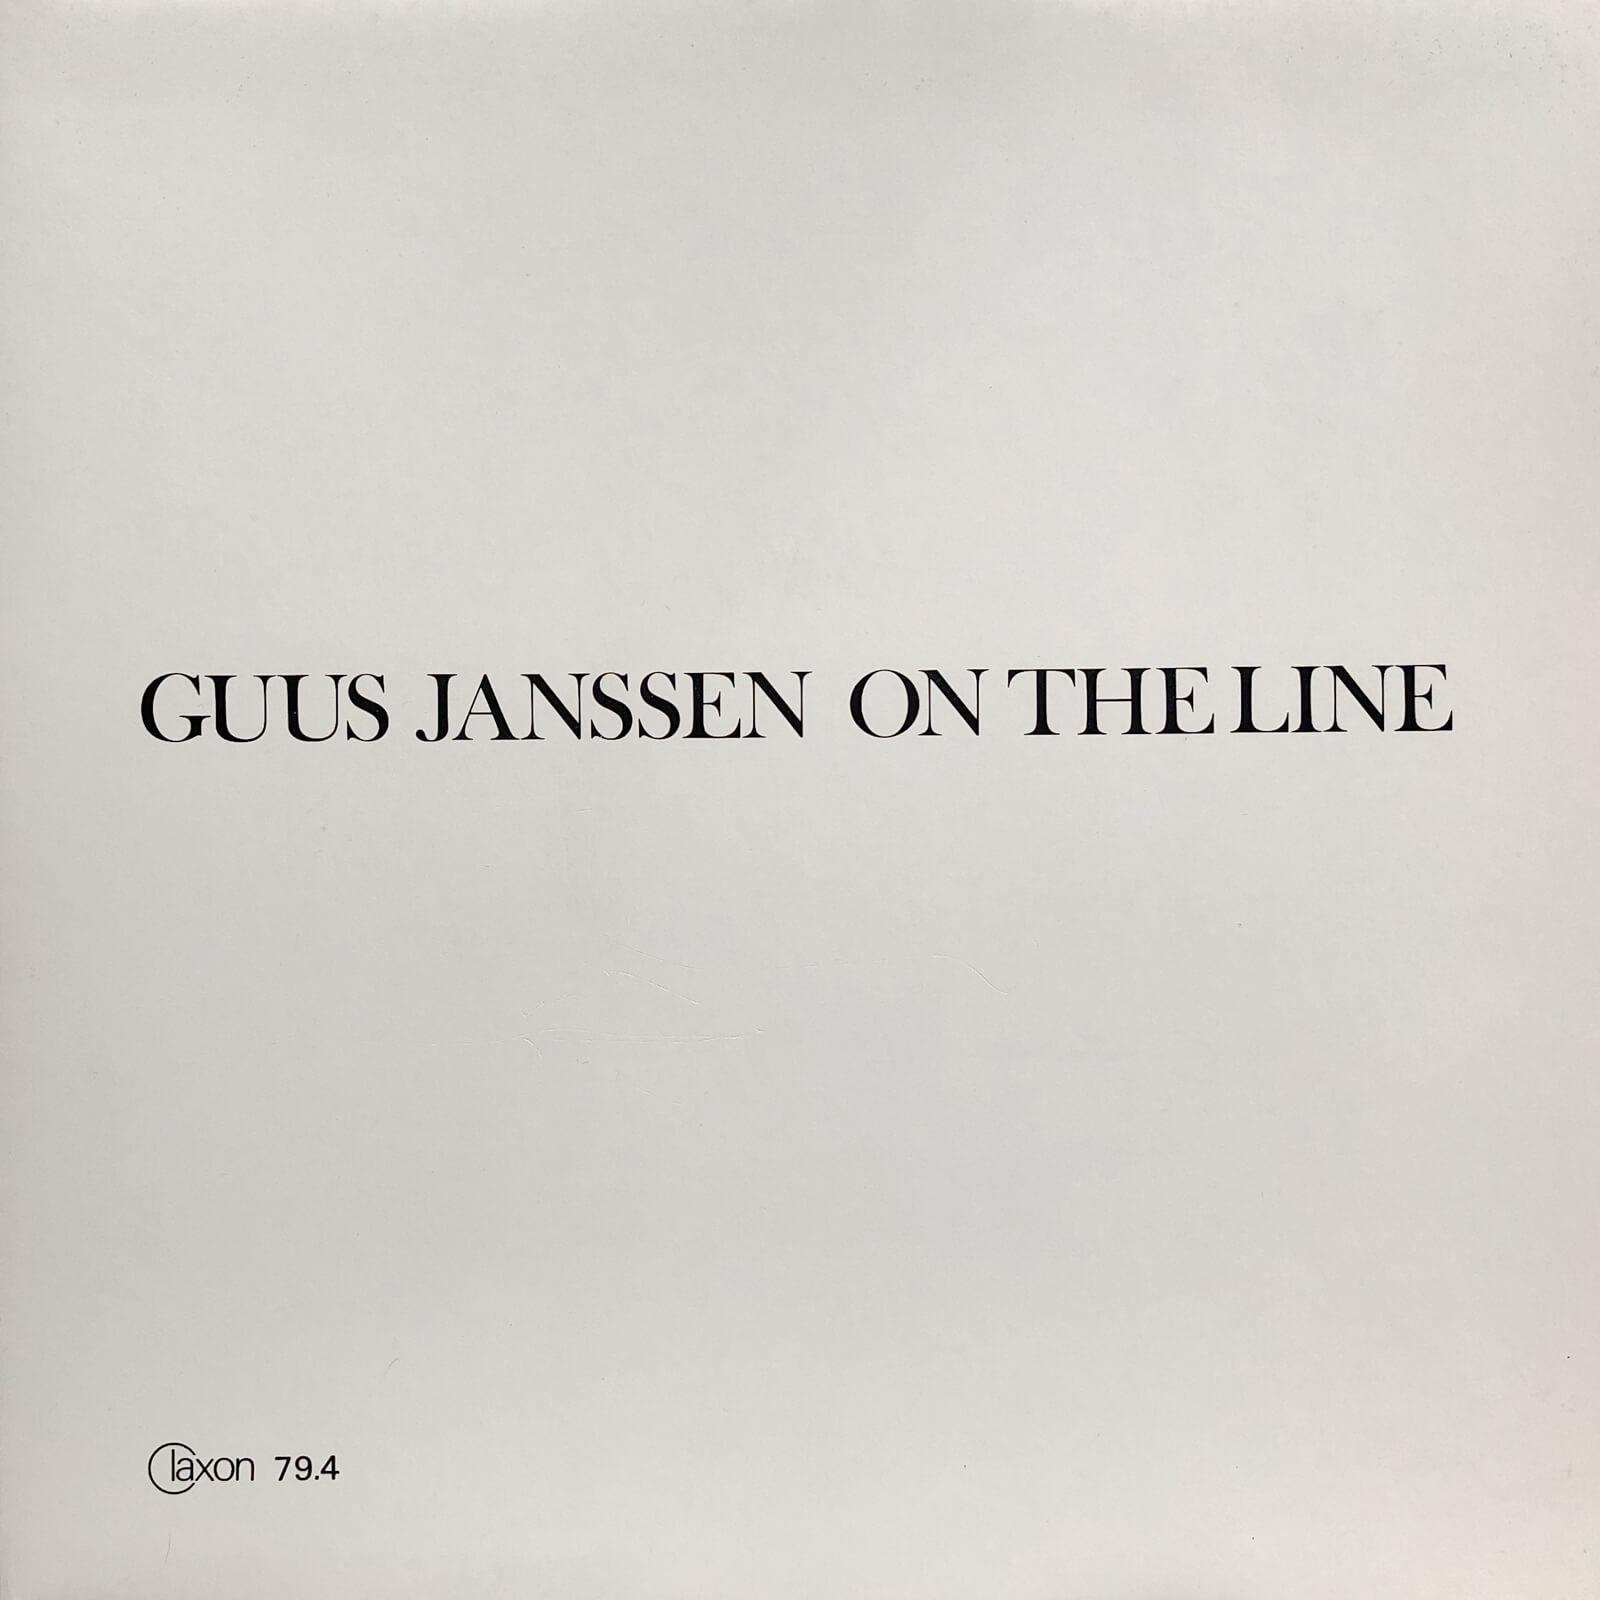 Guus Janssen On the Line